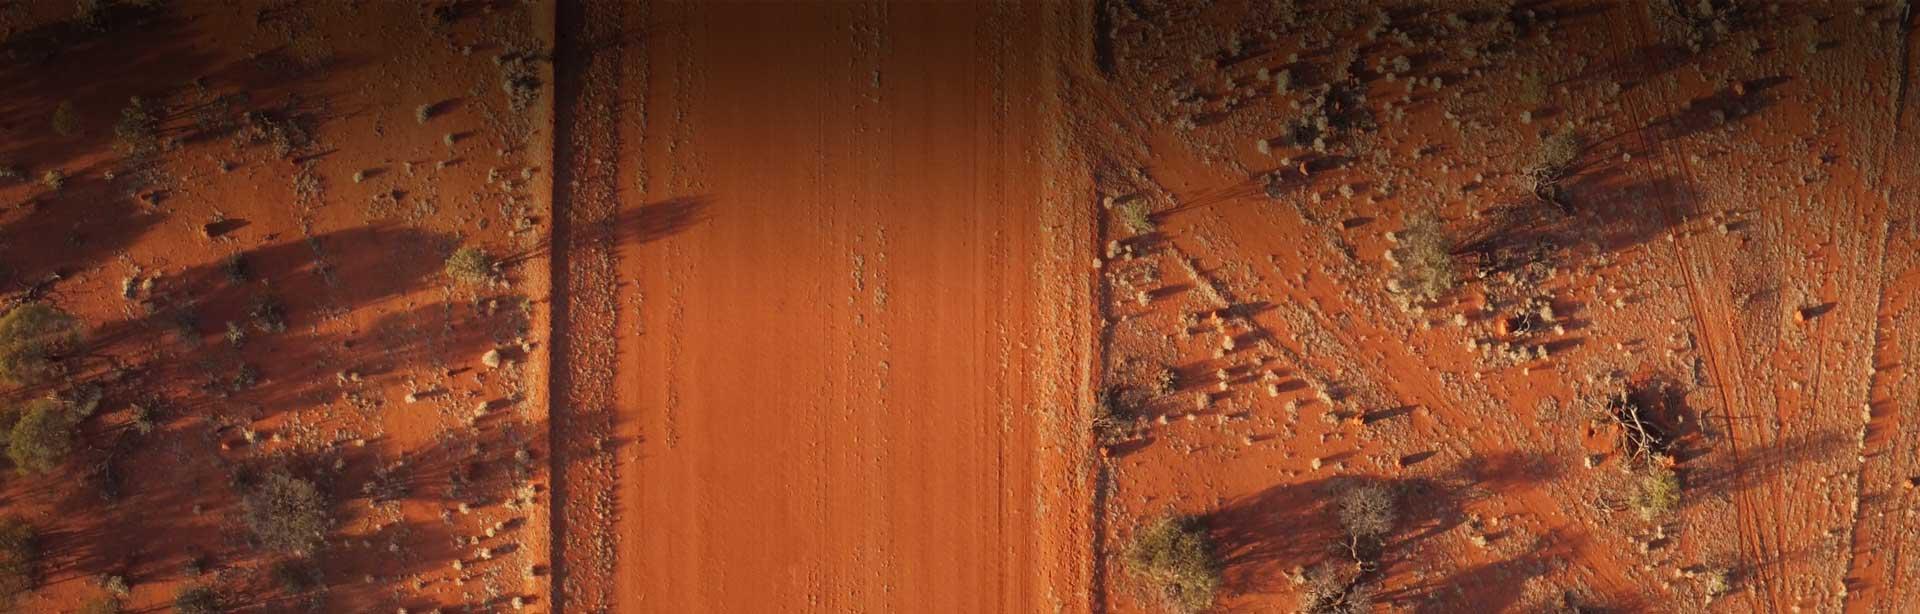 Red Dirt landscape